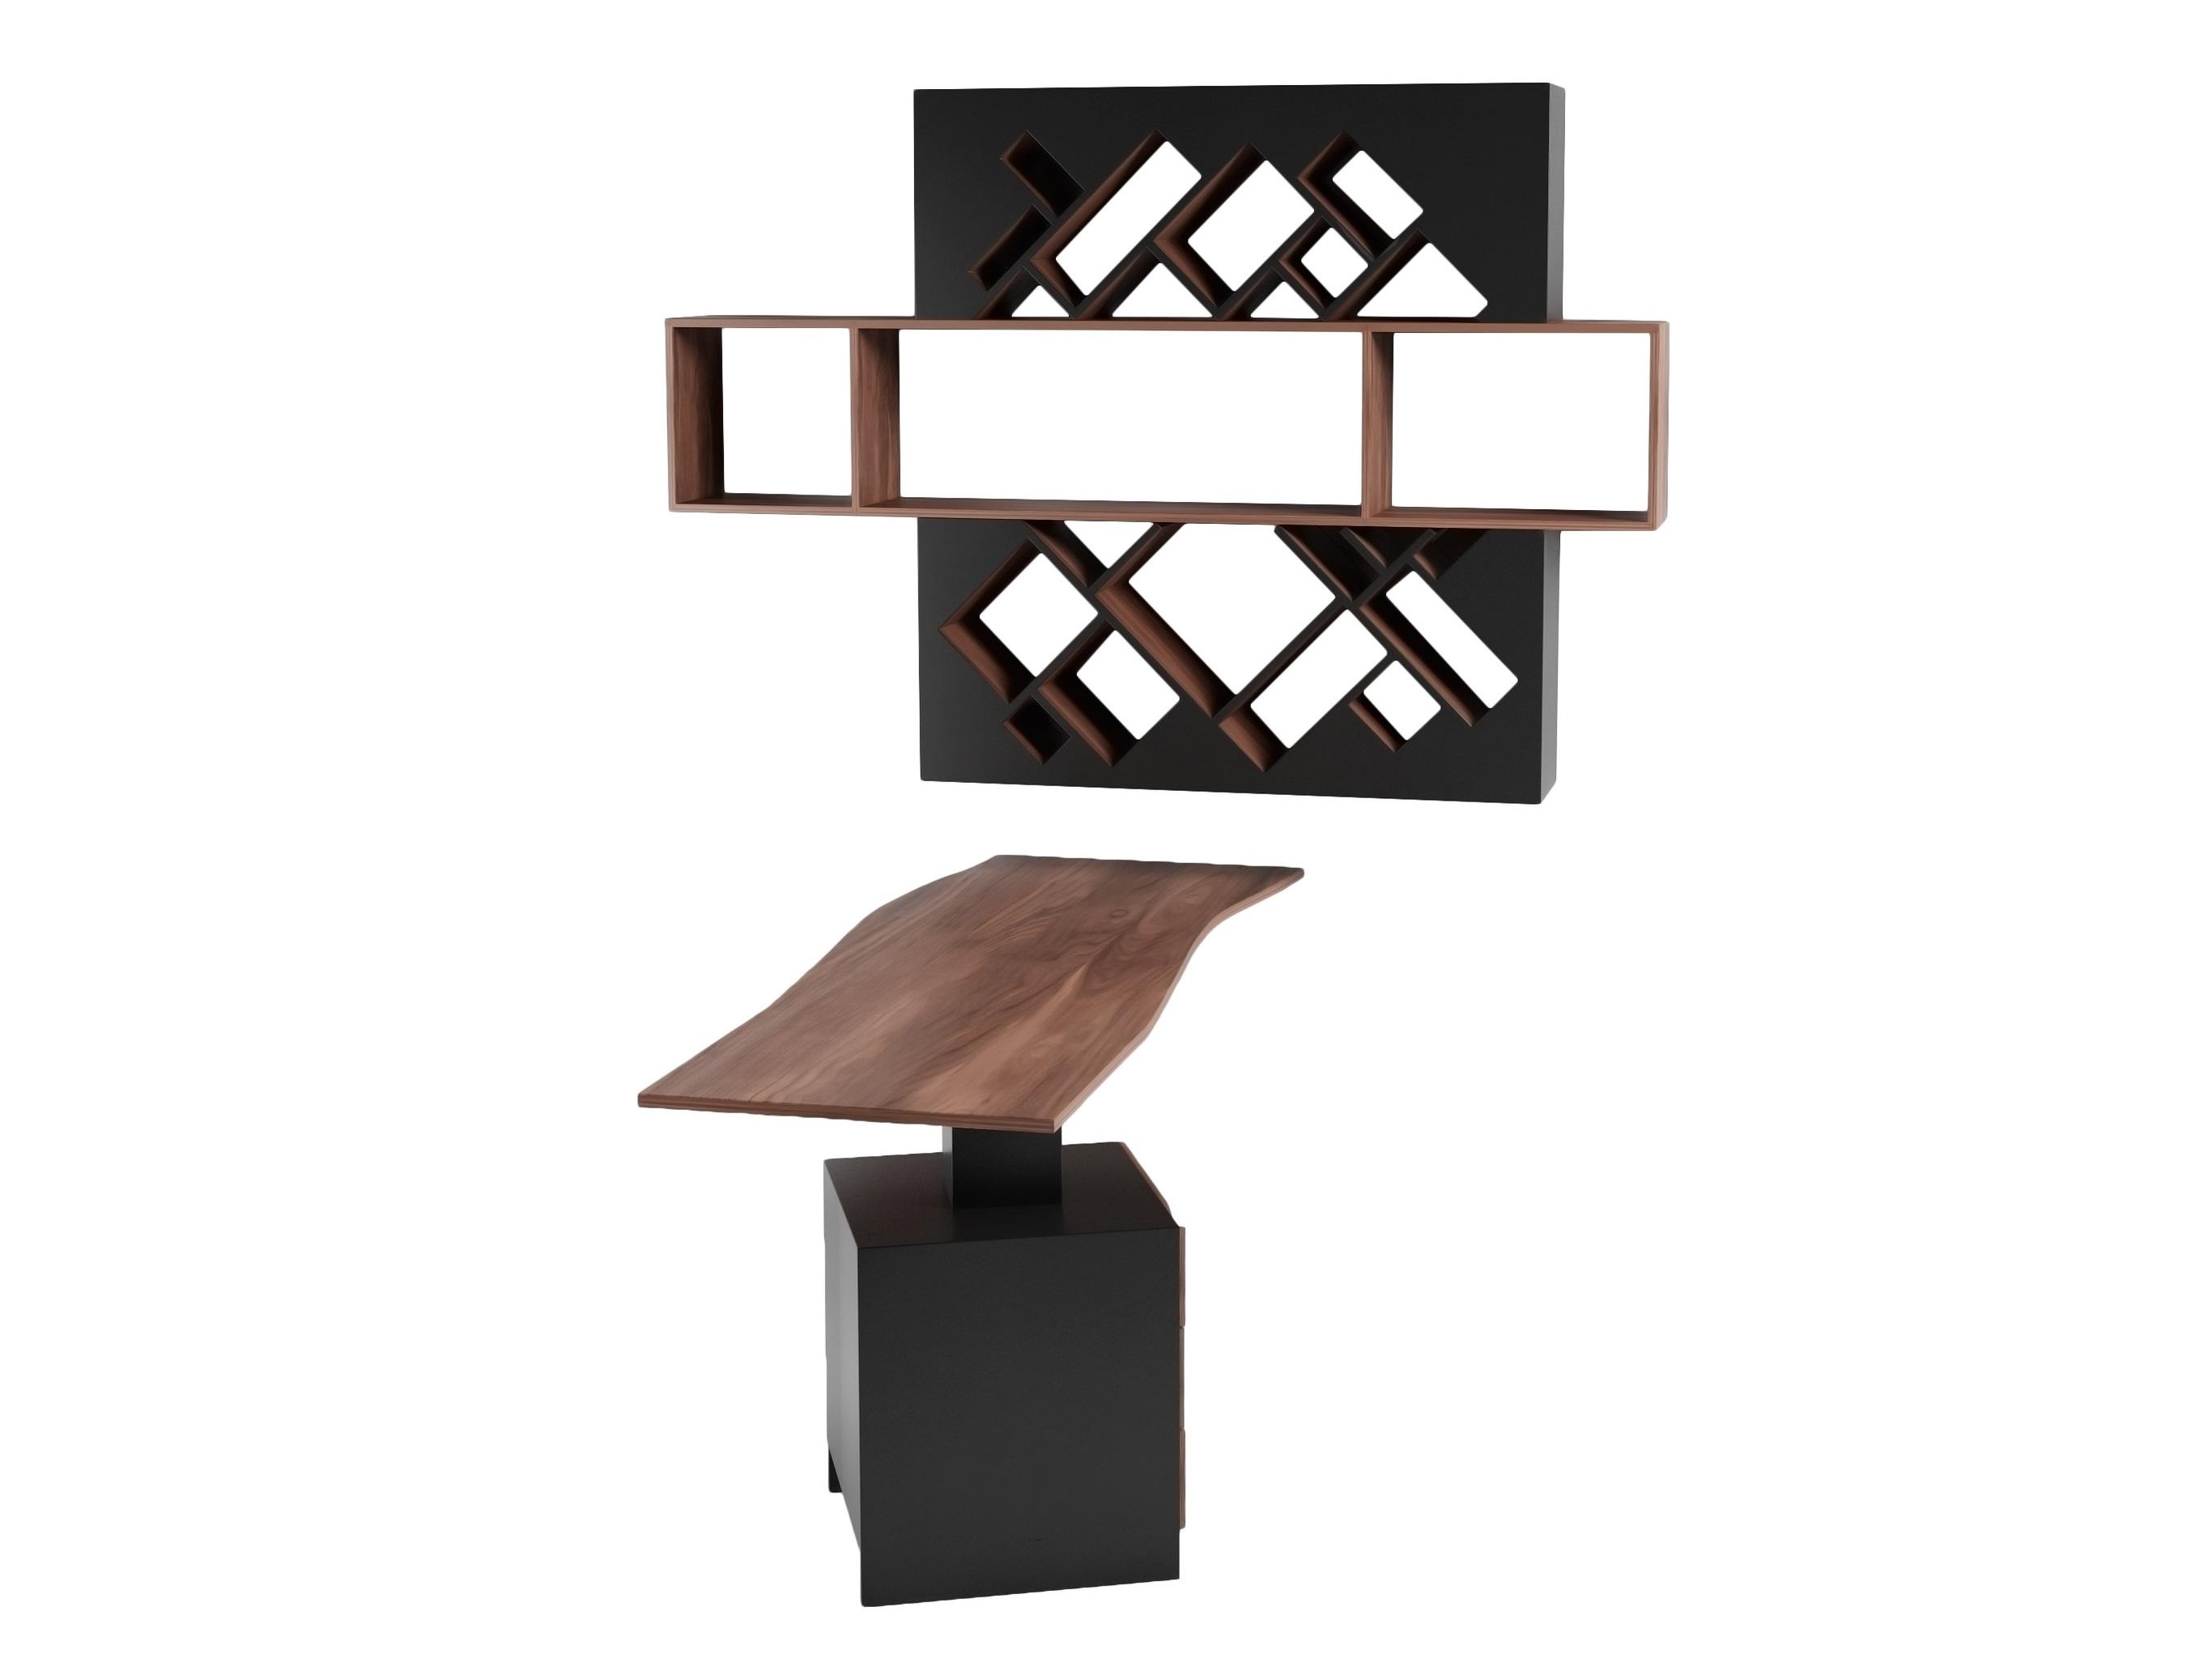 Рабочее место Геометрия ВолнаКомплекты мебели<br>Дизайнерское оригинальное рабочее место, состоит из стола с анатомической функциональной столешницей и креативной полки-стеллажа&amp;amp;nbsp;&amp;lt;div&amp;gt;&amp;lt;br&amp;gt;&amp;lt;/div&amp;gt;&amp;lt;div&amp;gt;Размеры: столешница 180x66x 75см,&amp;amp;nbsp;&amp;lt;/div&amp;gt;&amp;lt;div&amp;gt;полка 183x126x25см&amp;amp;nbsp;&amp;lt;/div&amp;gt;&amp;lt;div&amp;gt;Материал: МДФ, шпон&amp;lt;/div&amp;gt;<br><br>Material: МДФ<br>Ширина см: 183<br>Высота см: 126<br>Глубина см: 24